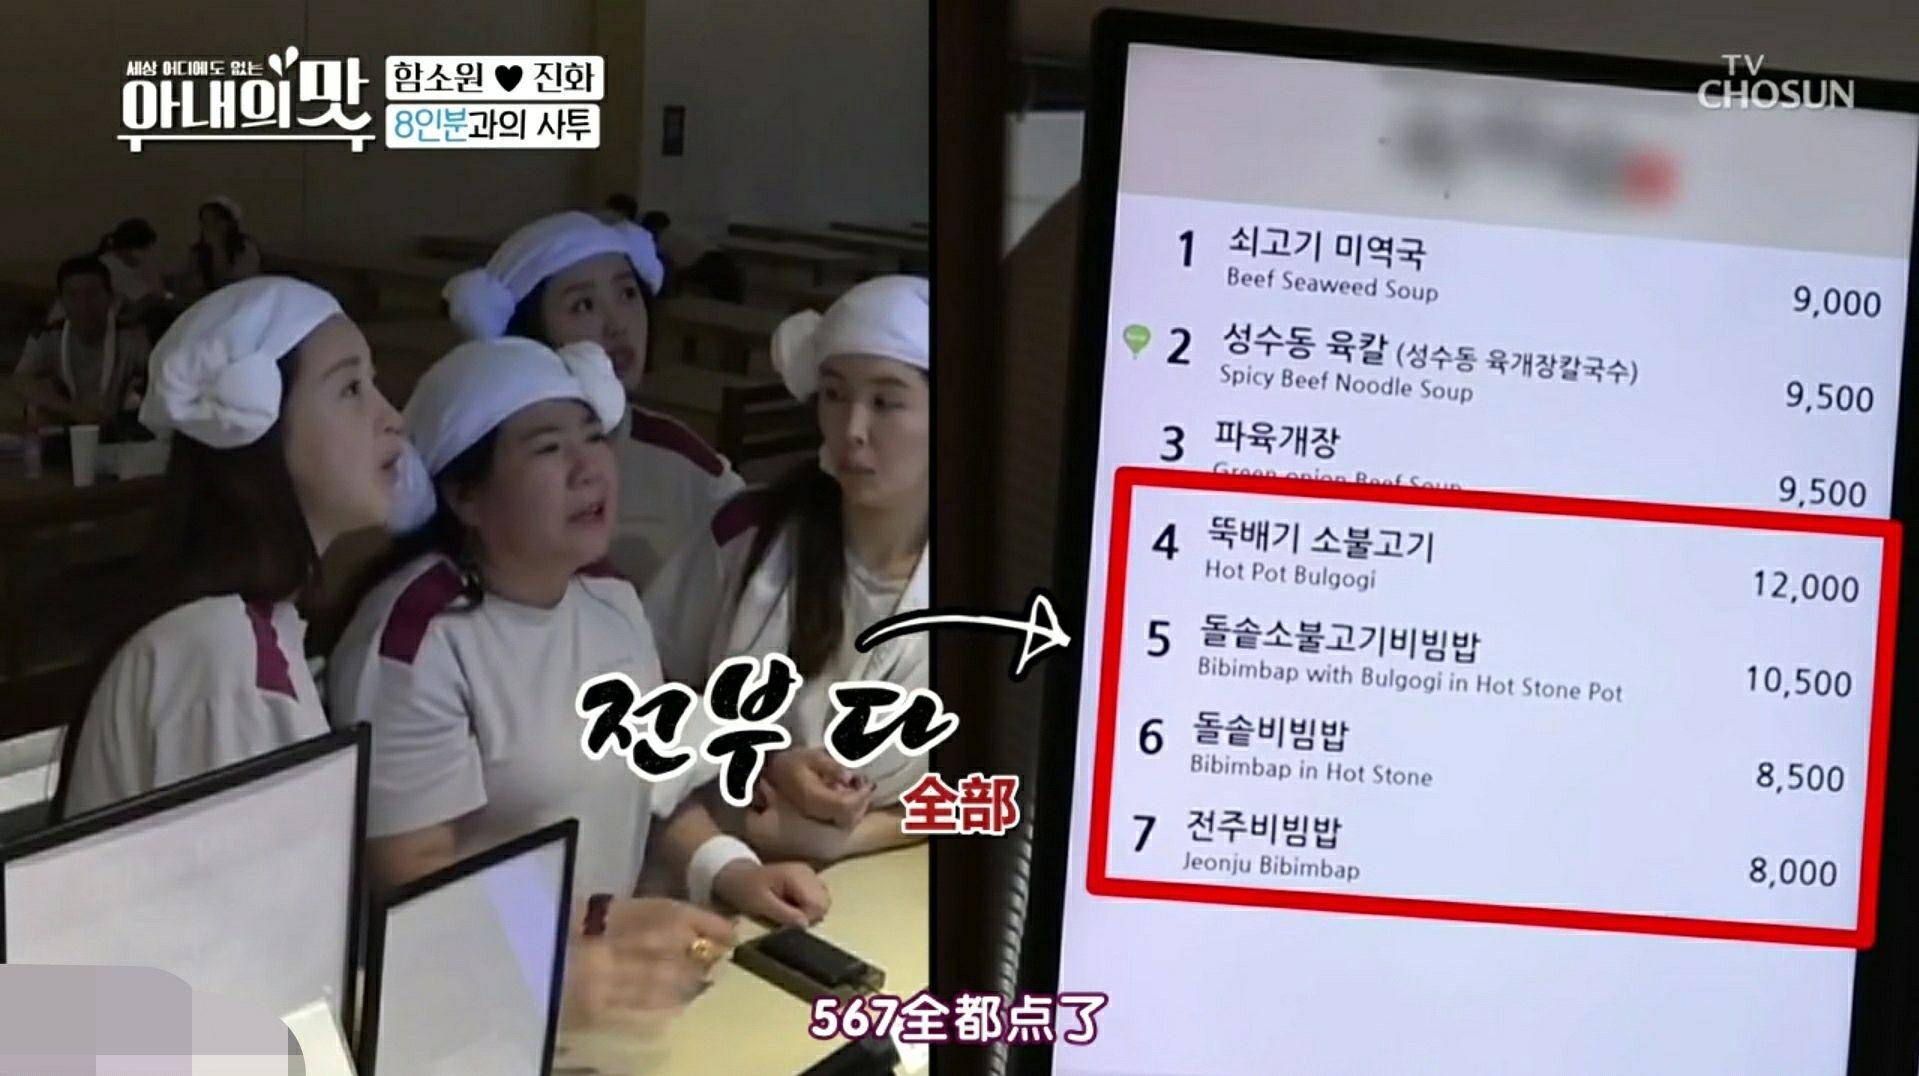 咸素媛婆婆大手笔,看呆韩国服务员,随手制作美食堪称中国白钟元